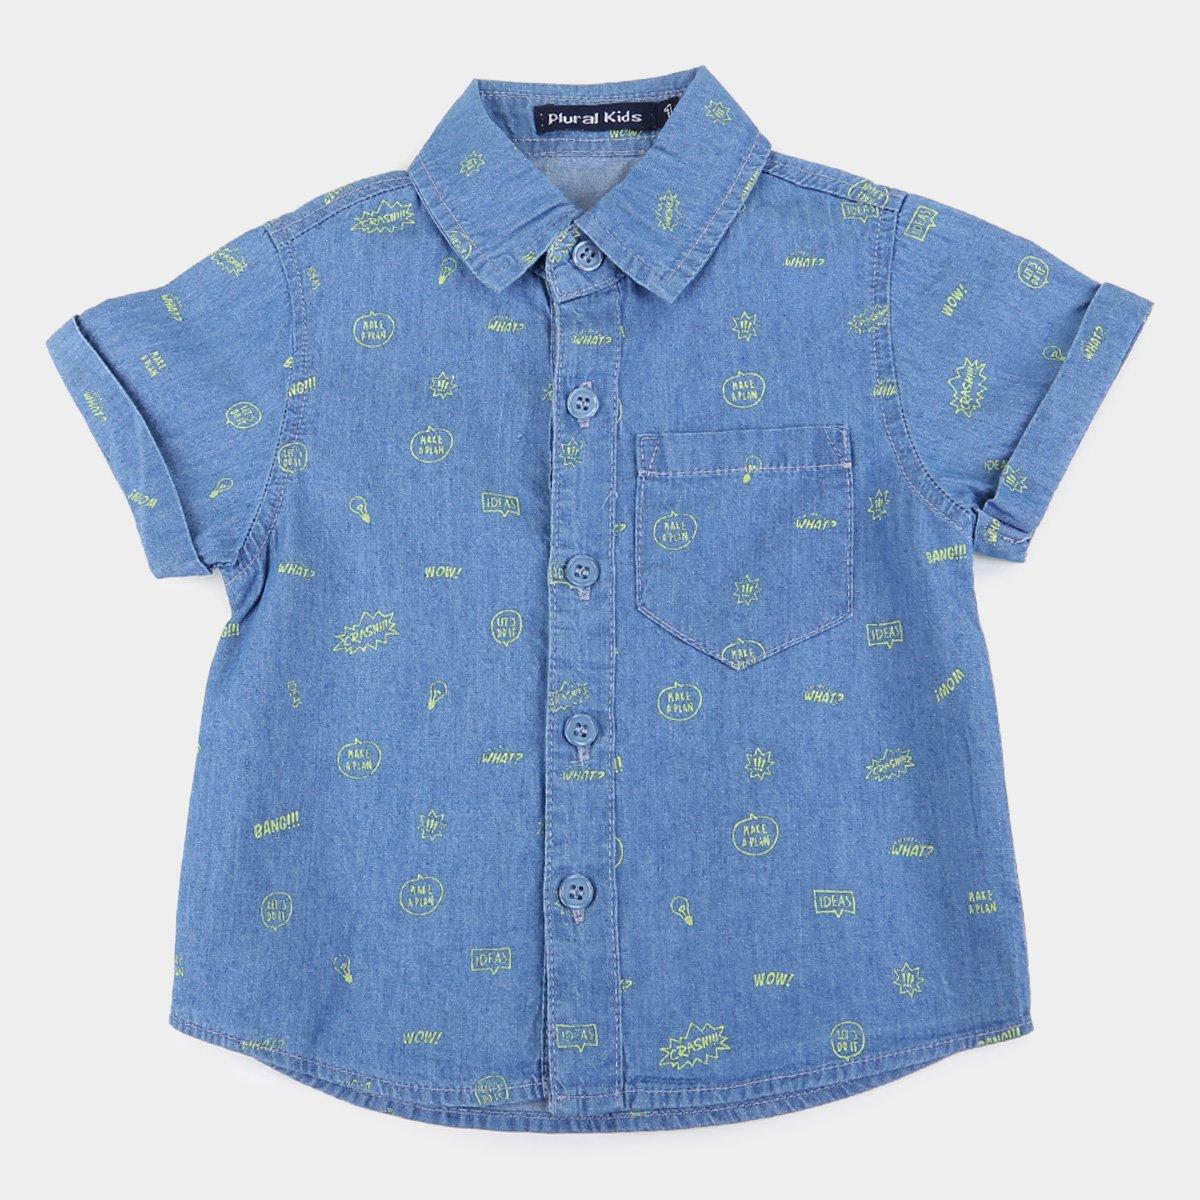 Camisa Jeans Infantil Plural Kids HQ Masculina